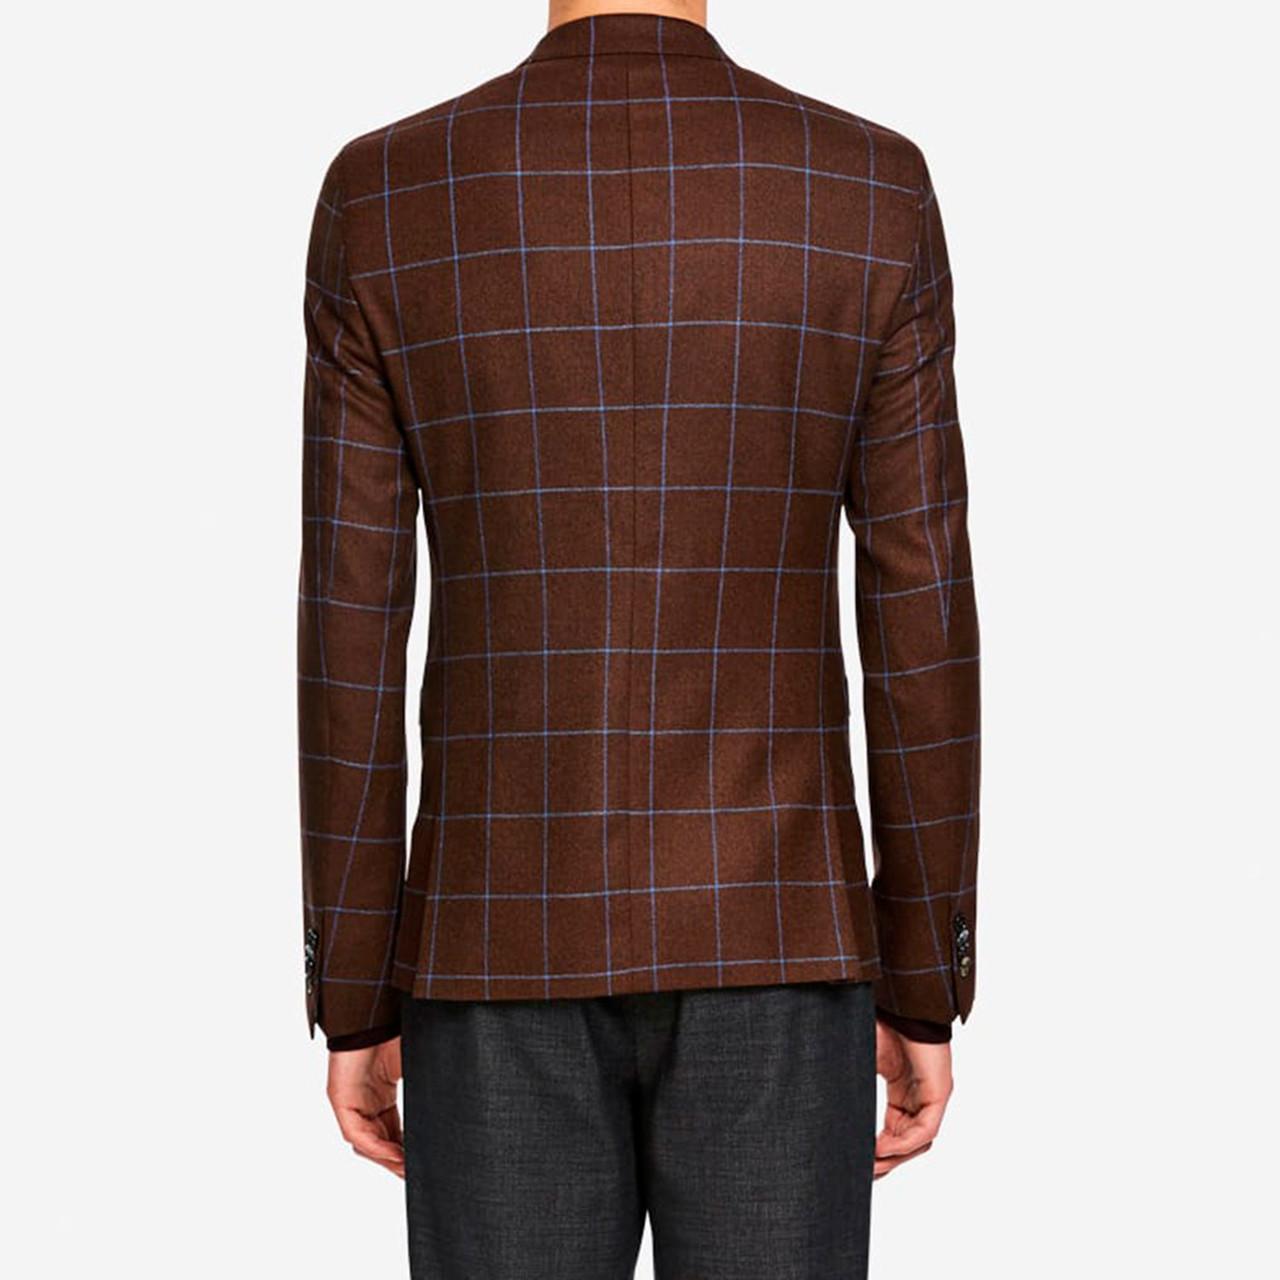 9a8d89f4 Window Blazer i brun tern fra SAND - Køb din blazer online her - Fri fragt!